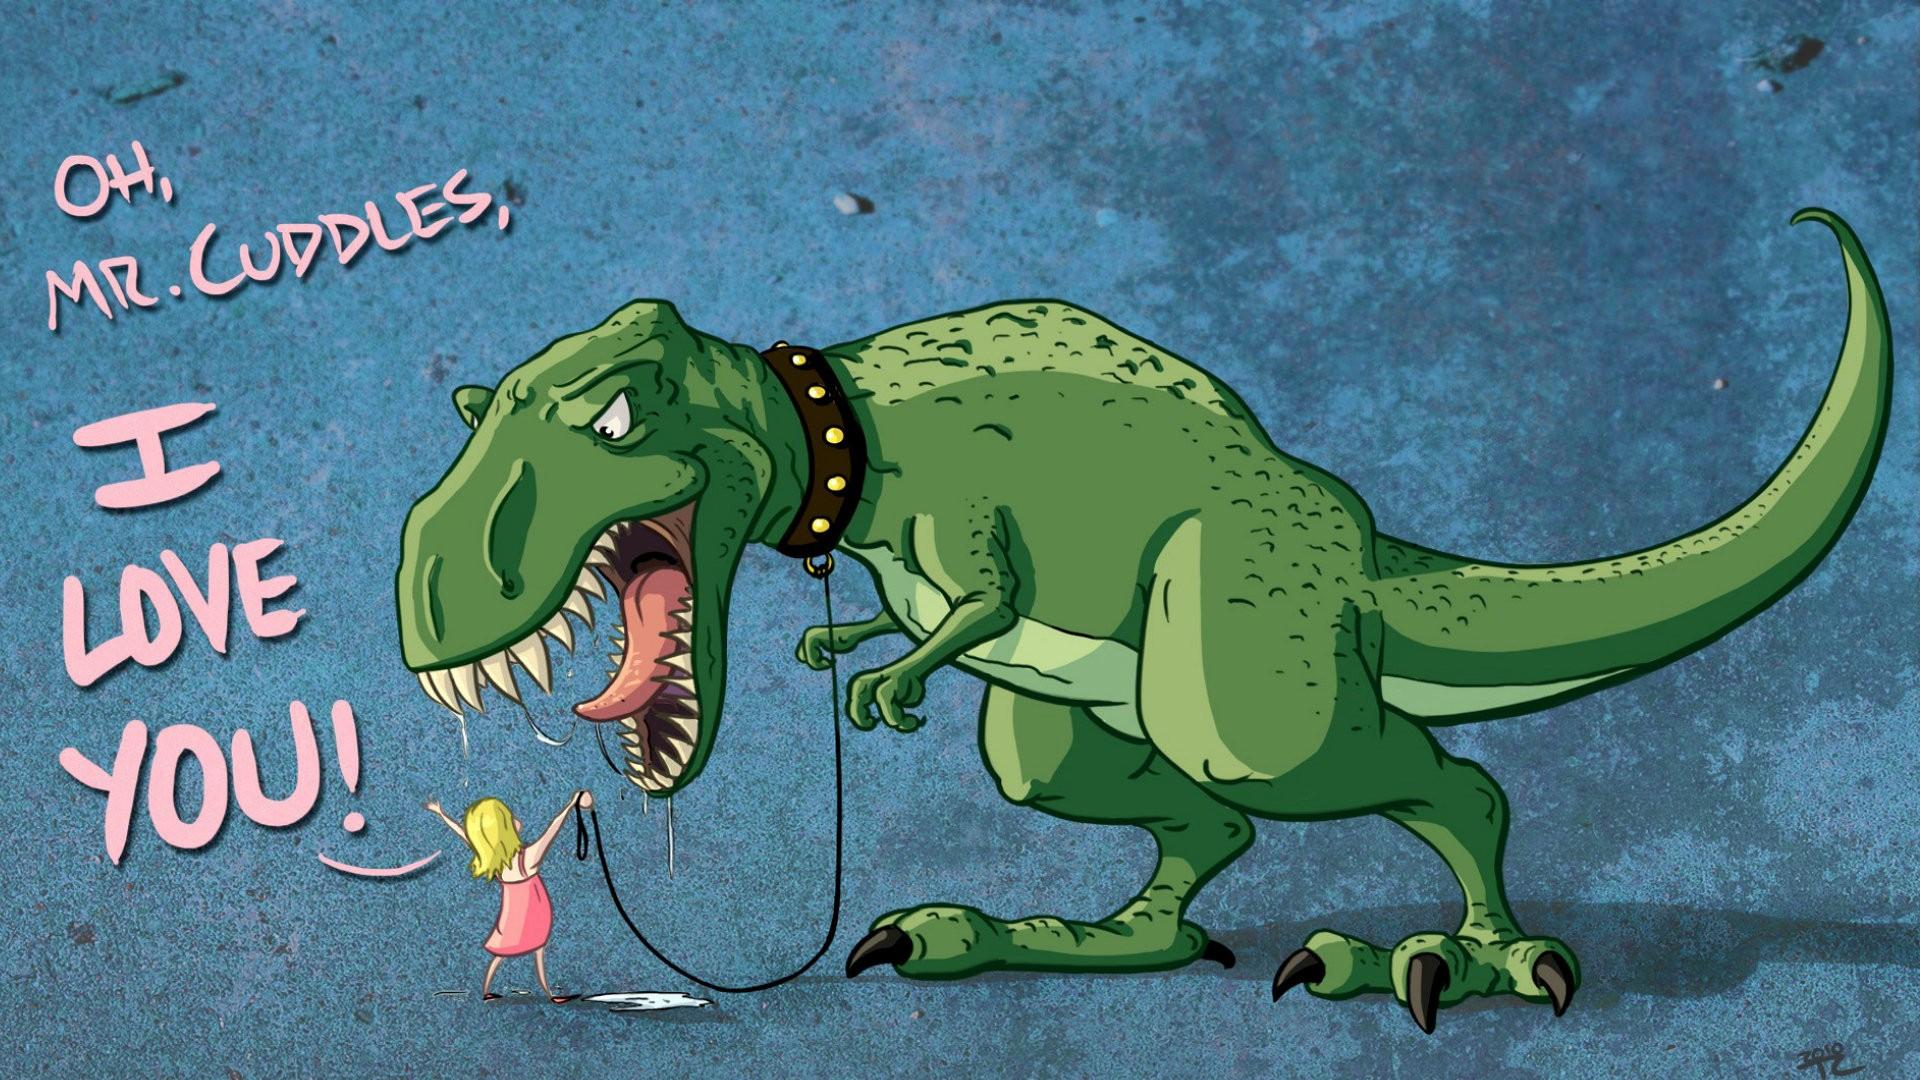 Fondos De Pantalla Ilustracion Ninos Obra De Arte Dibujos Animados Dinosaurios Tirano Saurio Rex Humor Negro Tirano Saurio Rex Dinosaurio Tiranosaurio 1920x1080 Zchsinghoo 259369 Fondos De Pantalla Wallhere Descubrí la mejor forma de comprar online. fondos de pantalla ilustracion ninos